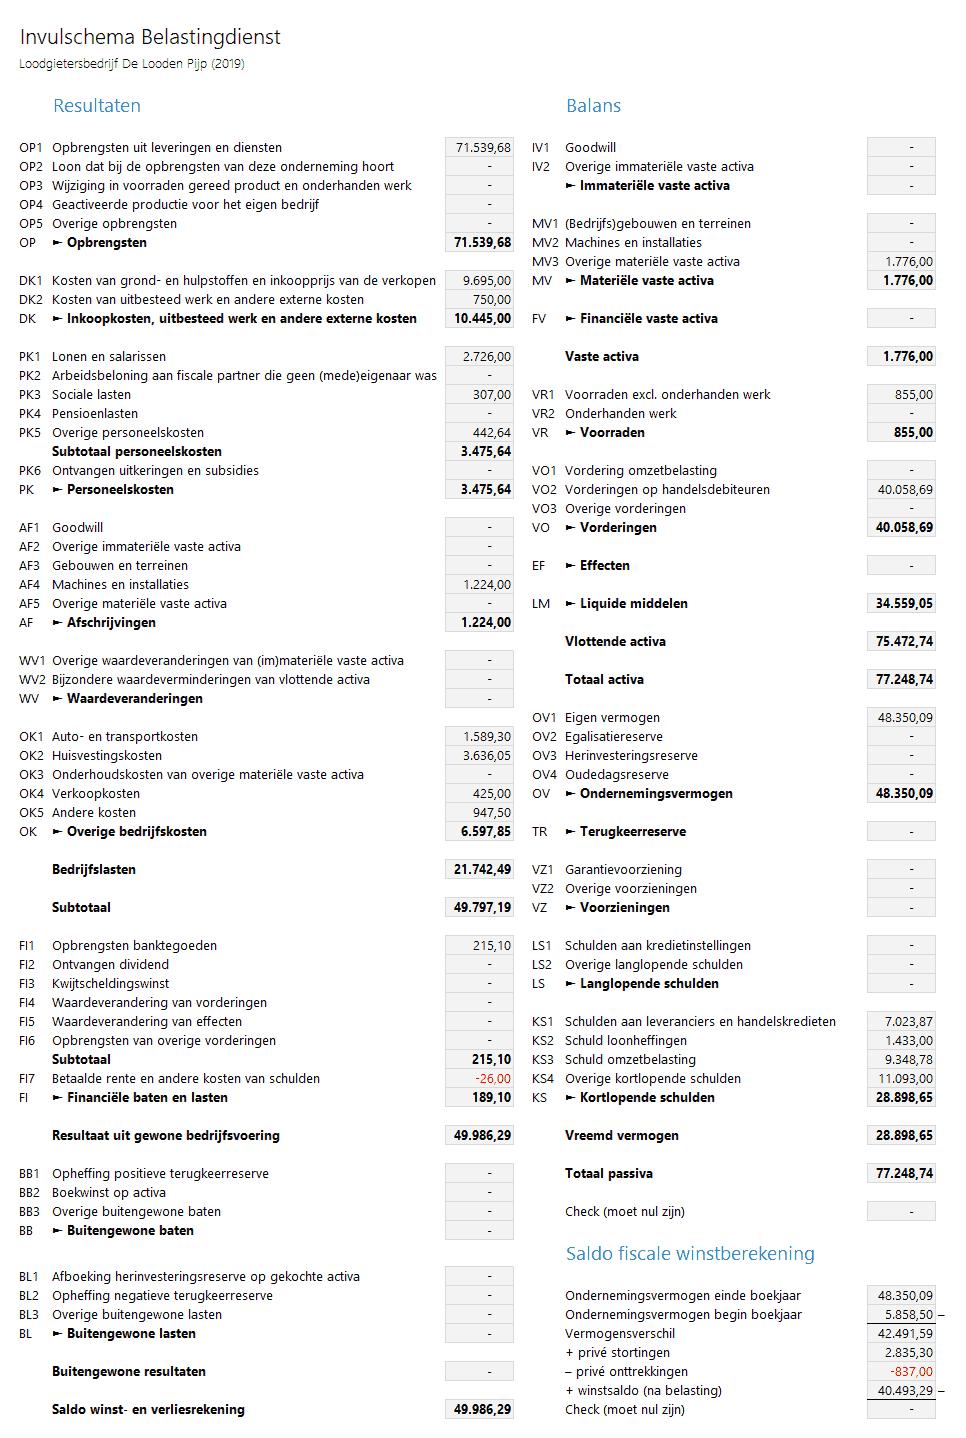 Invulschema Belastingdienst